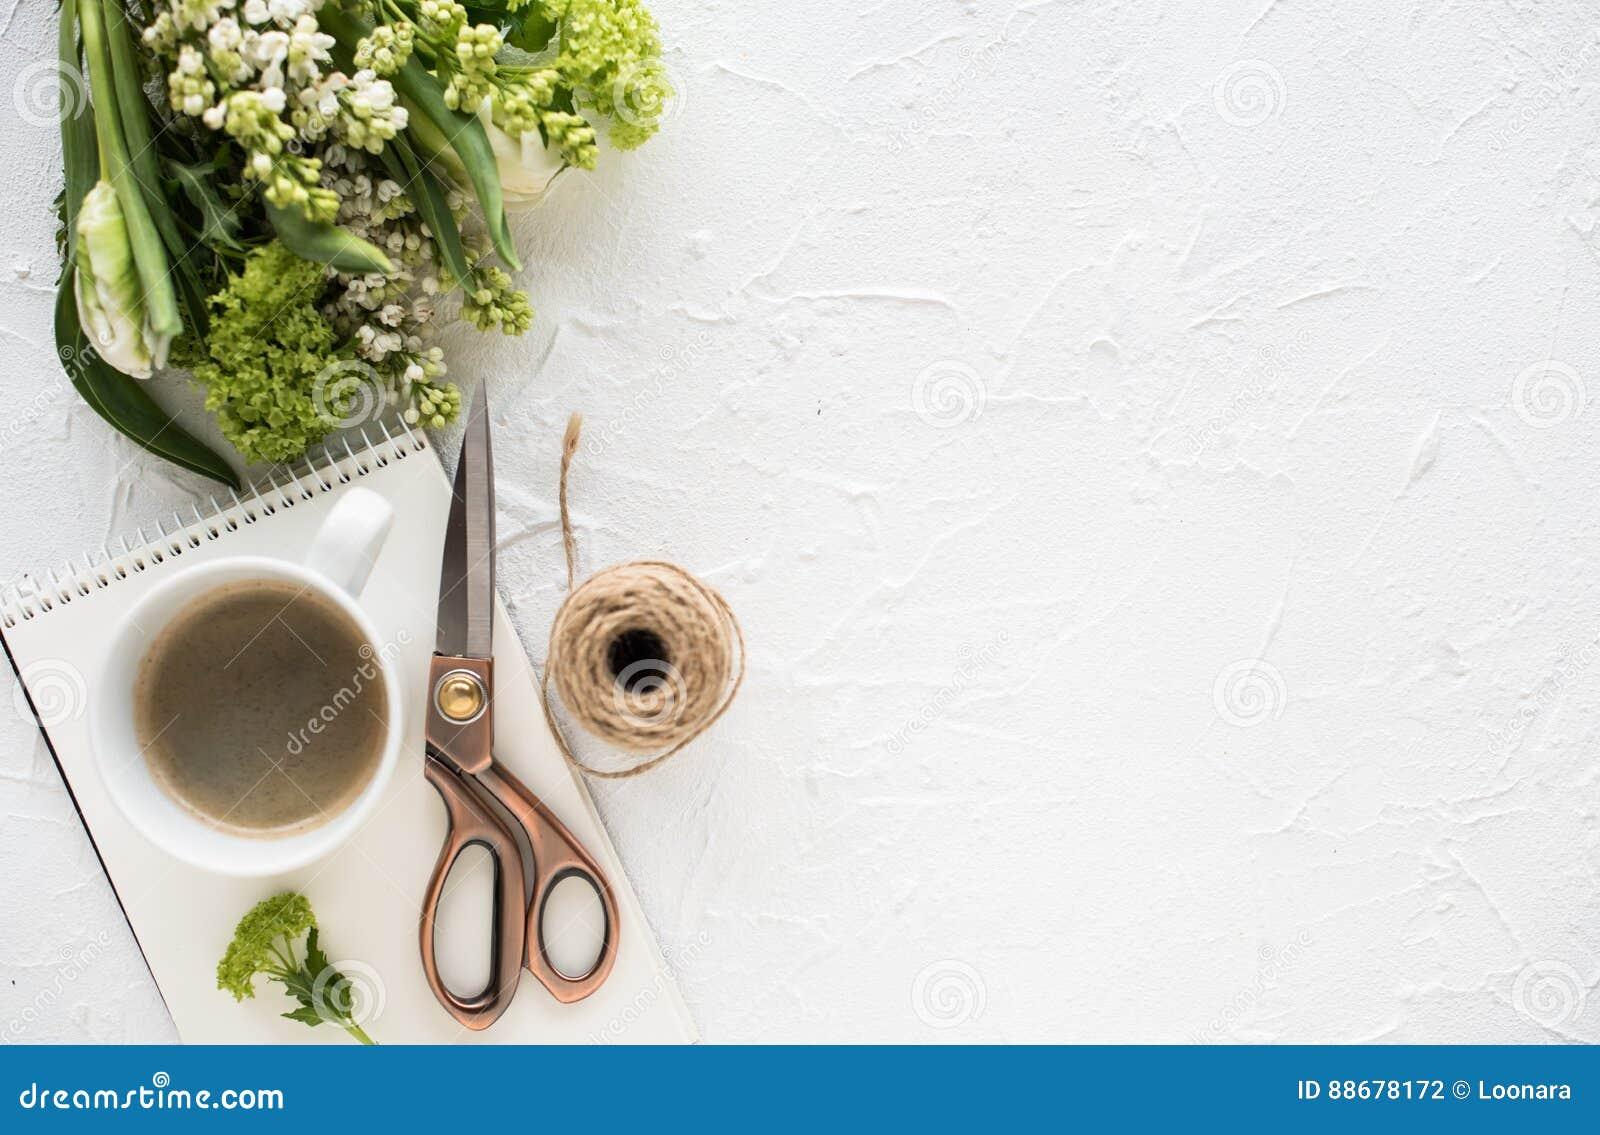 Vrouwelijke flatlay met bloemen en ccoffee op wit tafelblad